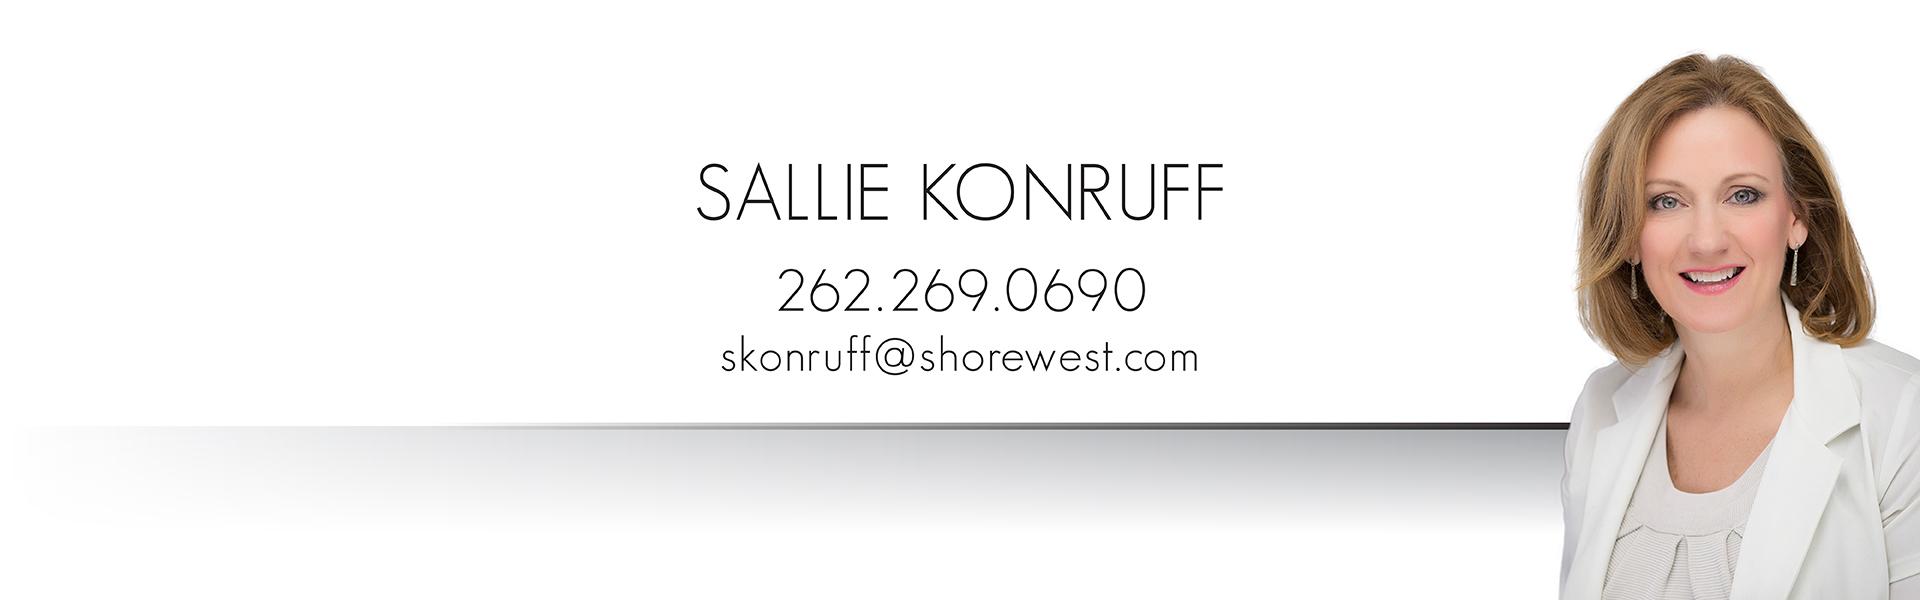 Sallie Konruff